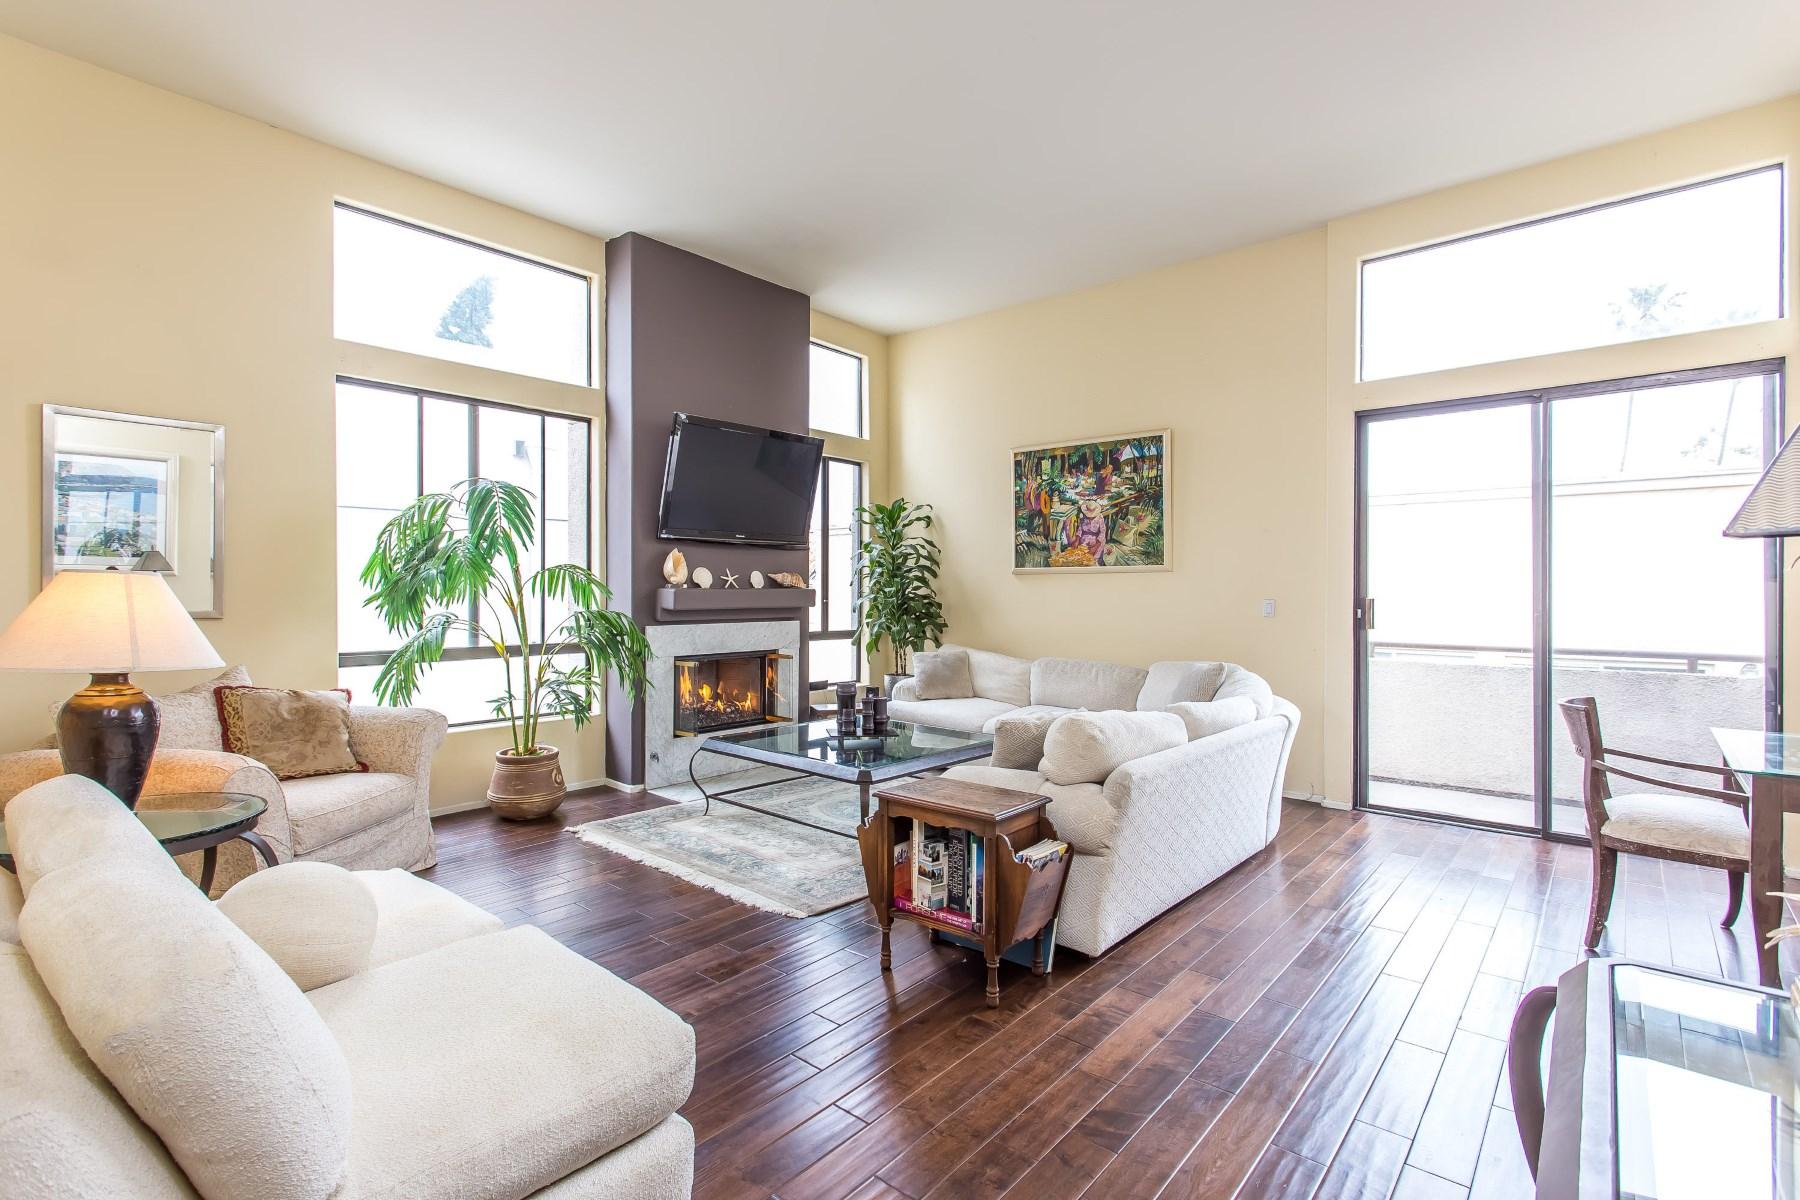 Кооперативная квартира для того Продажа на Stunning Sun-Filled Penthouse Home 910 S Bedford Street #307 Los Angeles, Калифорния, 90035 Соединенные Штаты